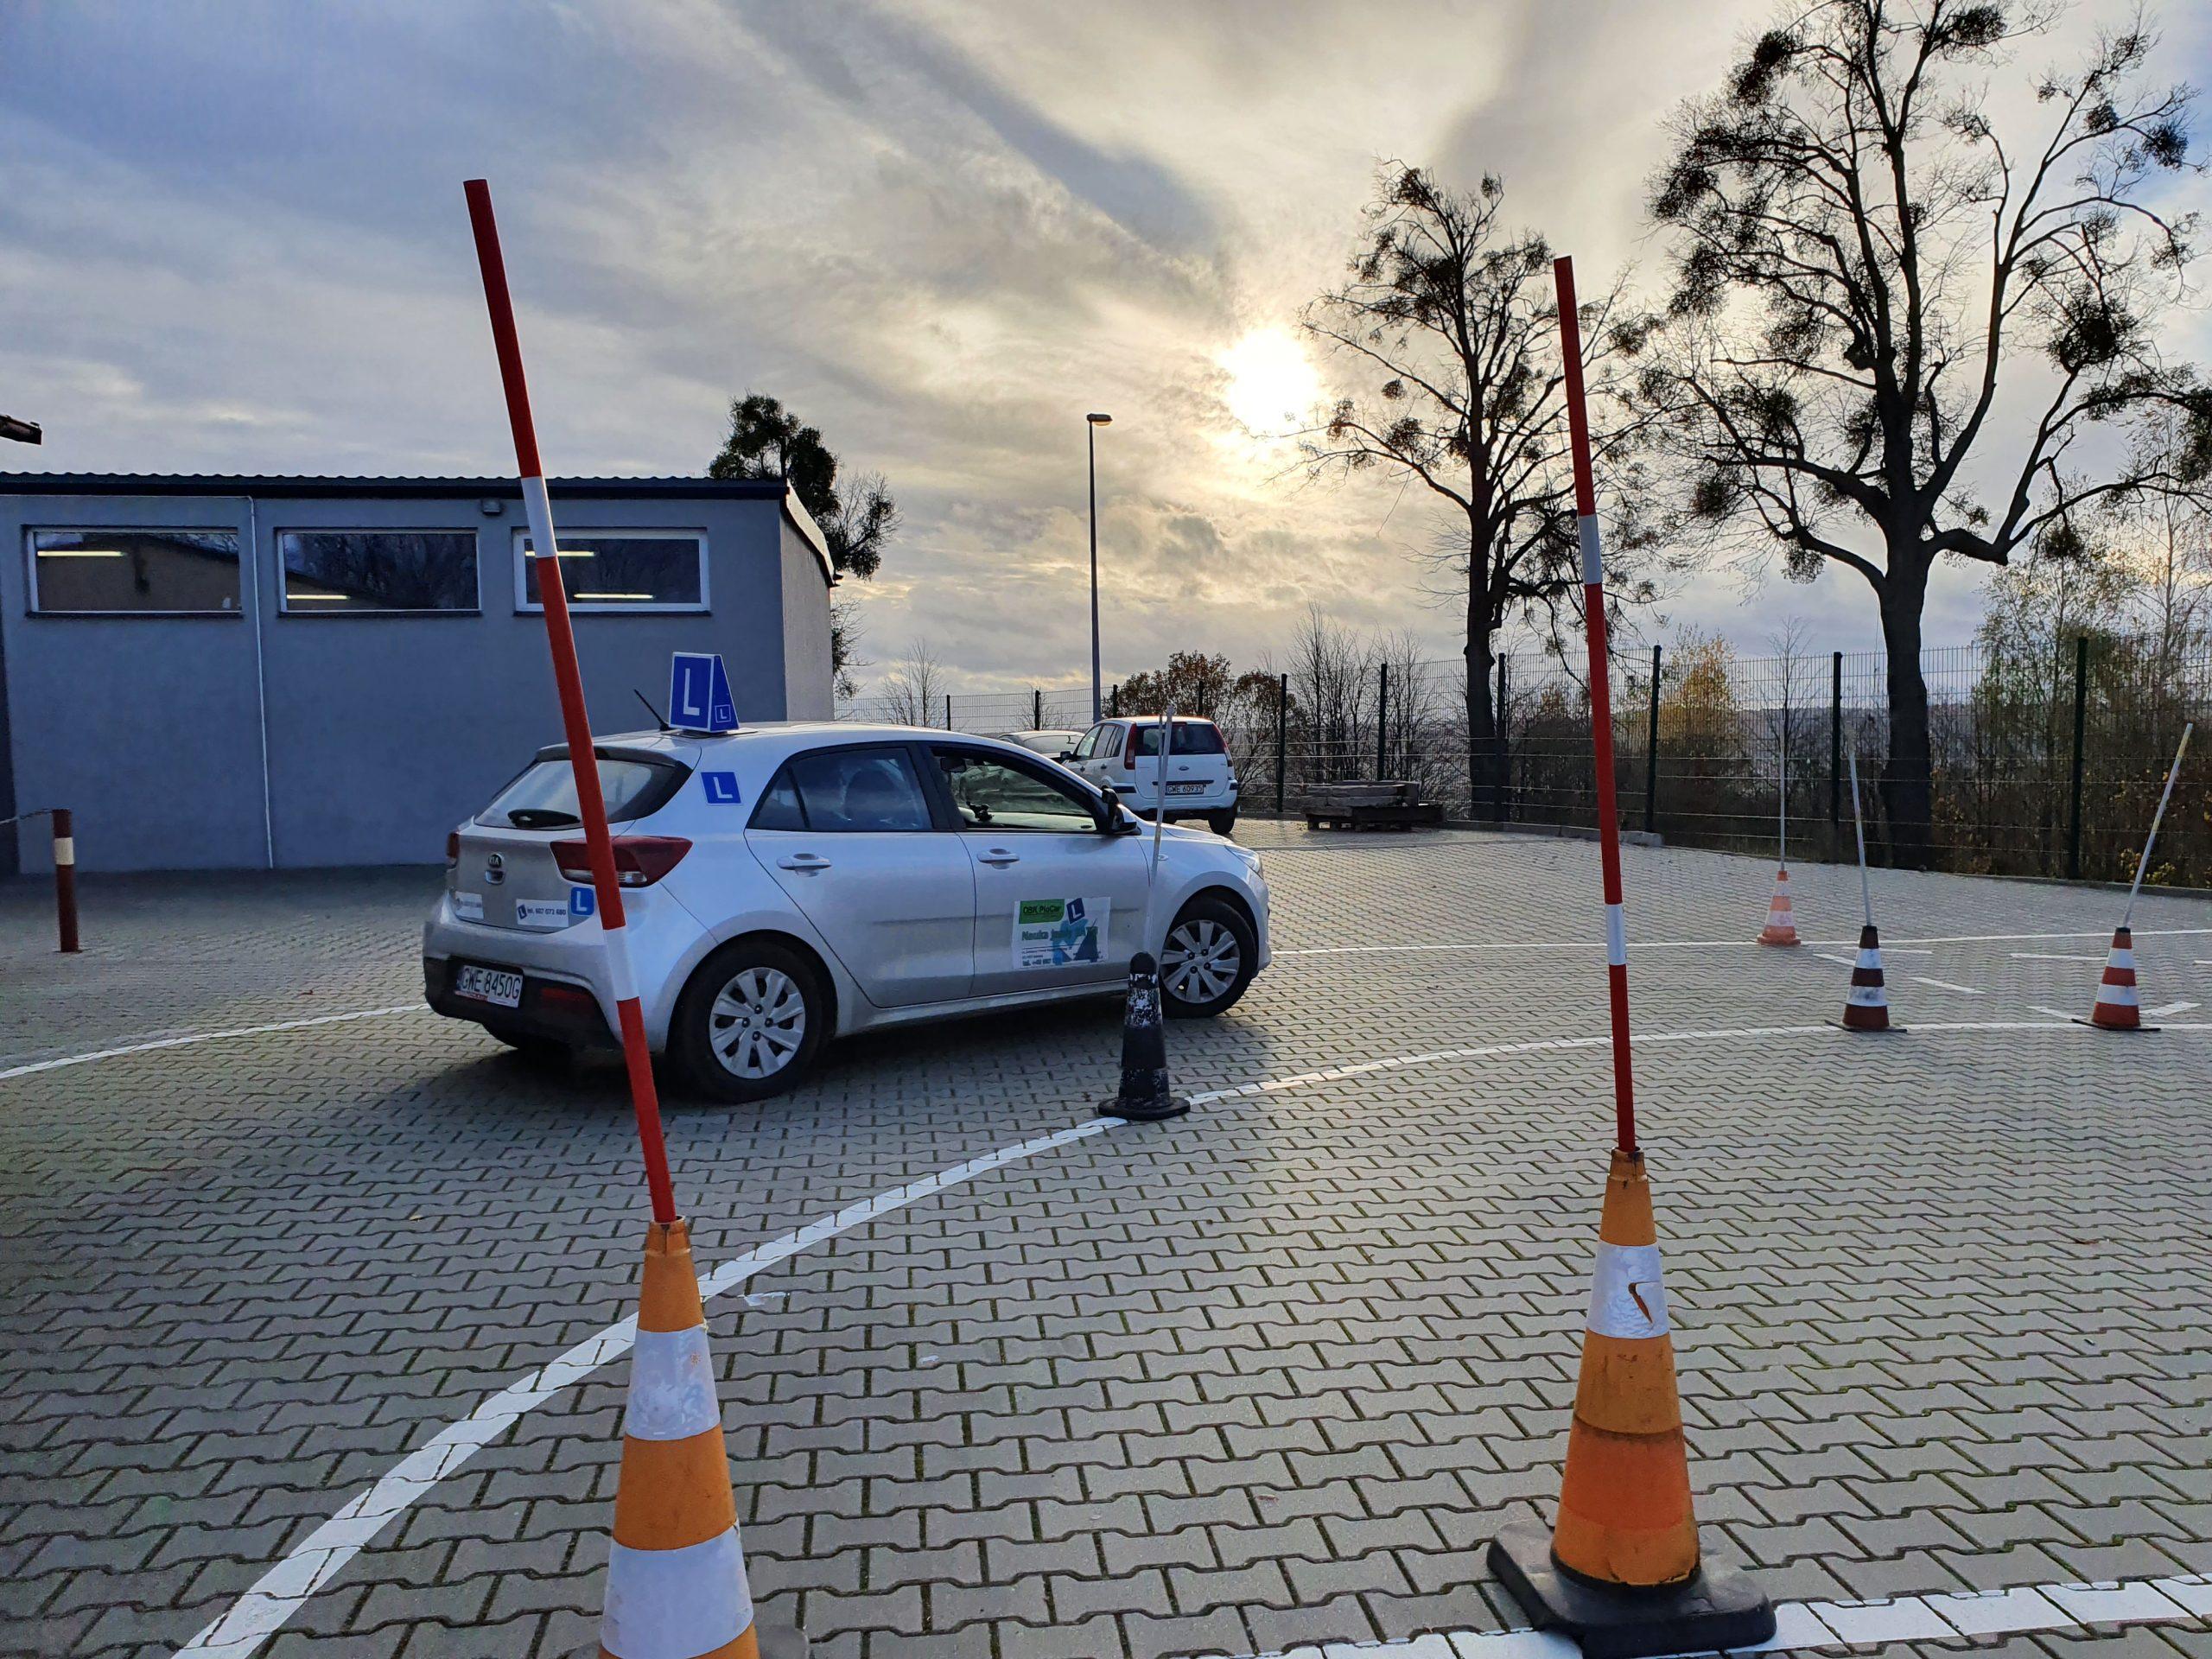 Witamy w Szkole Nauki Jazdy w Gdyni OSK PioCar!